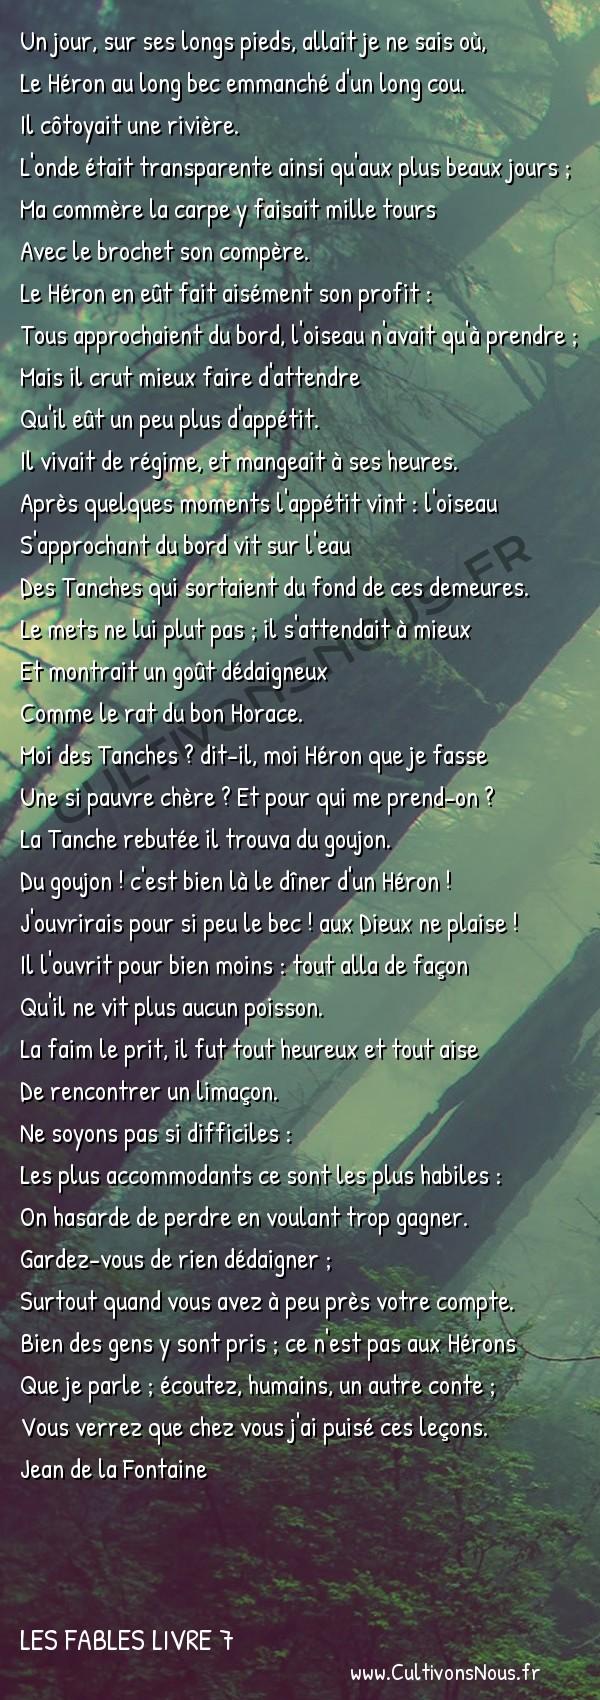 Fables Jean de la Fontaine - Les fables Livre 7 - Le Héron -   Un jour, sur ses longs pieds, allait je ne sais où, Le Héron au long bec emmanché d'un long cou.